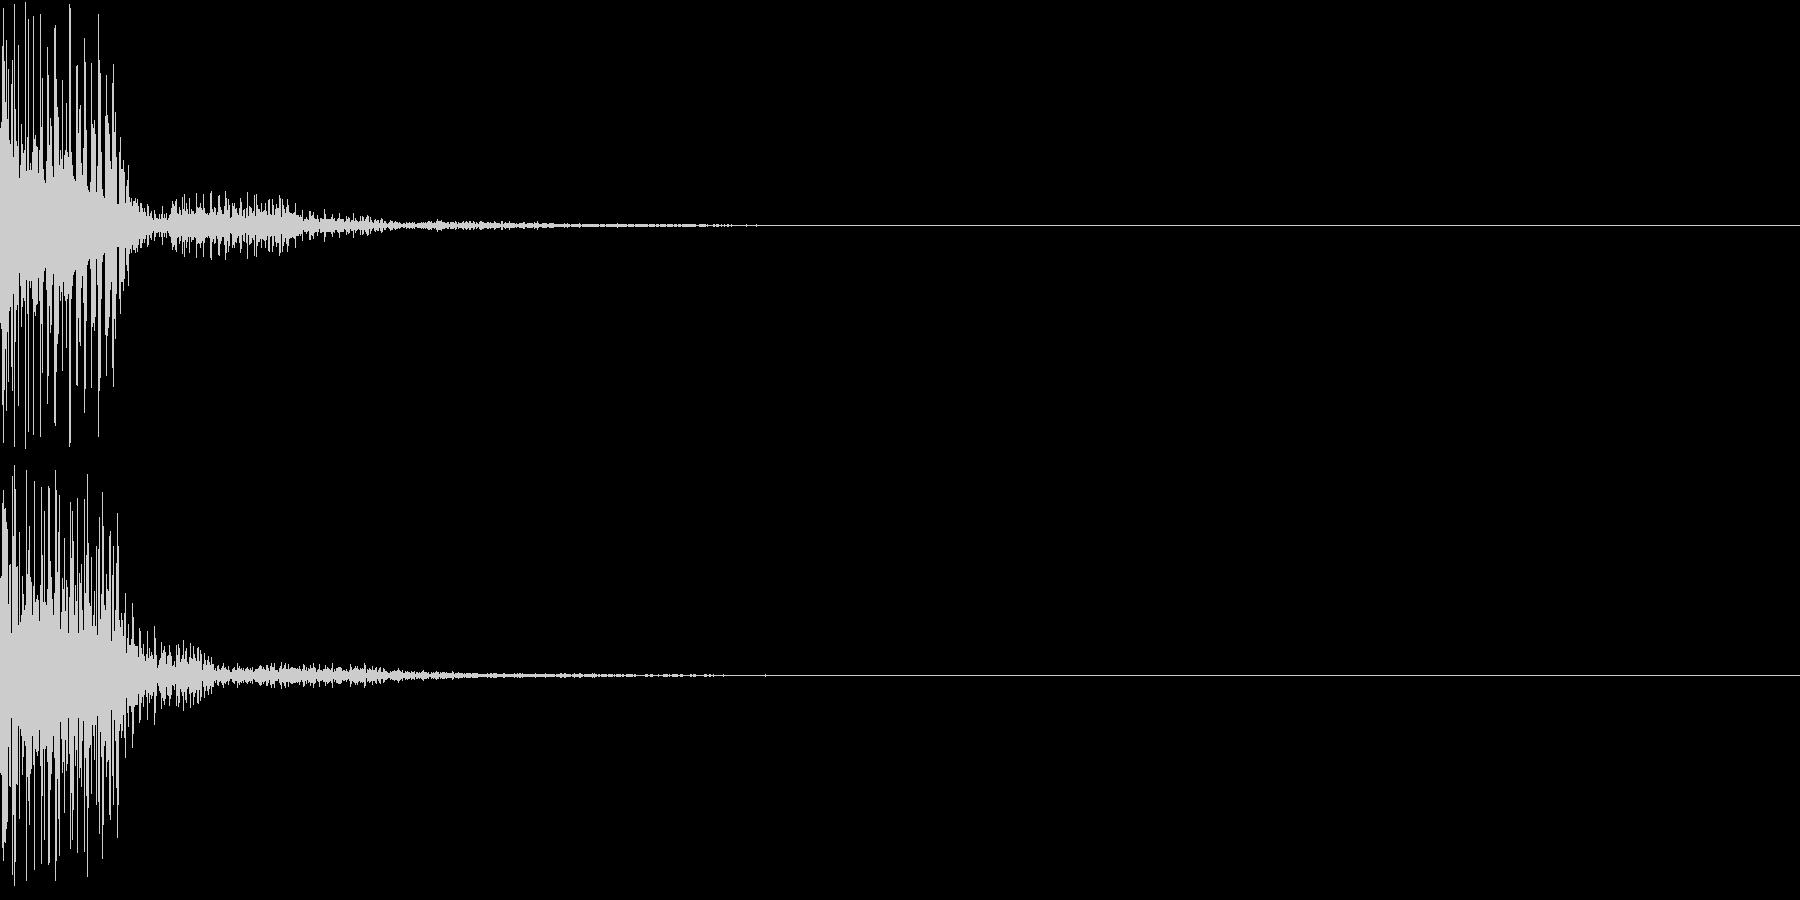 ダメージ/エラー音「ブブッ」デジタル系の未再生の波形